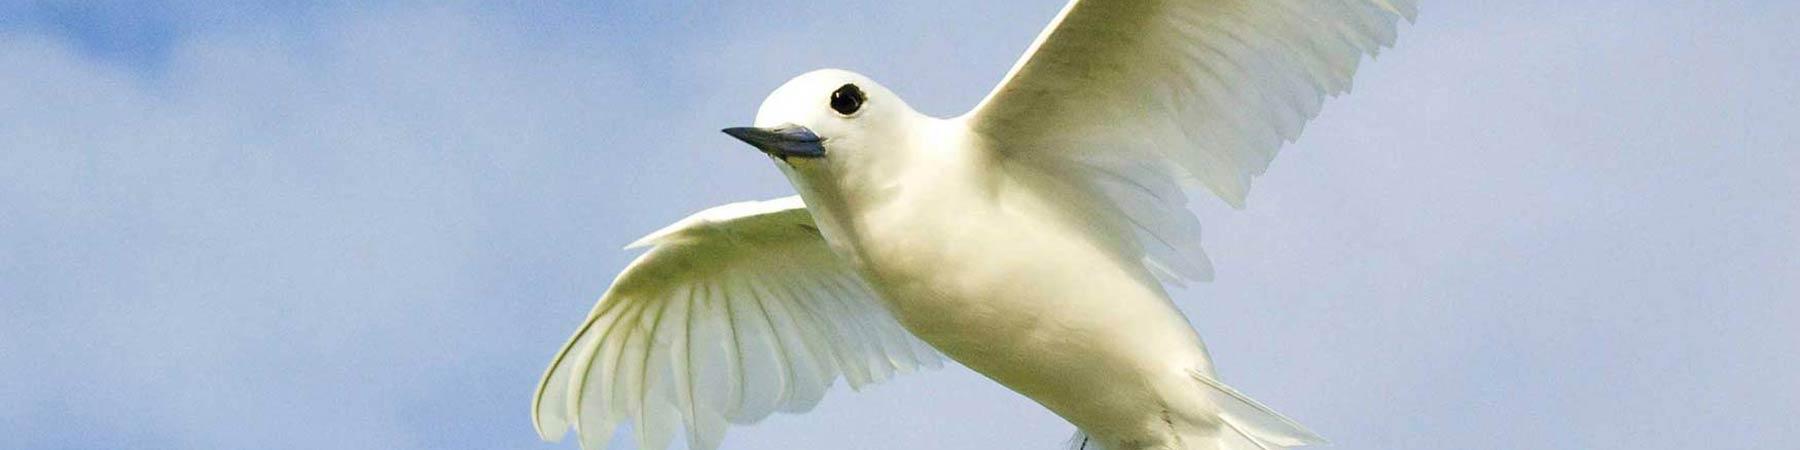 white-bird-banner-3000